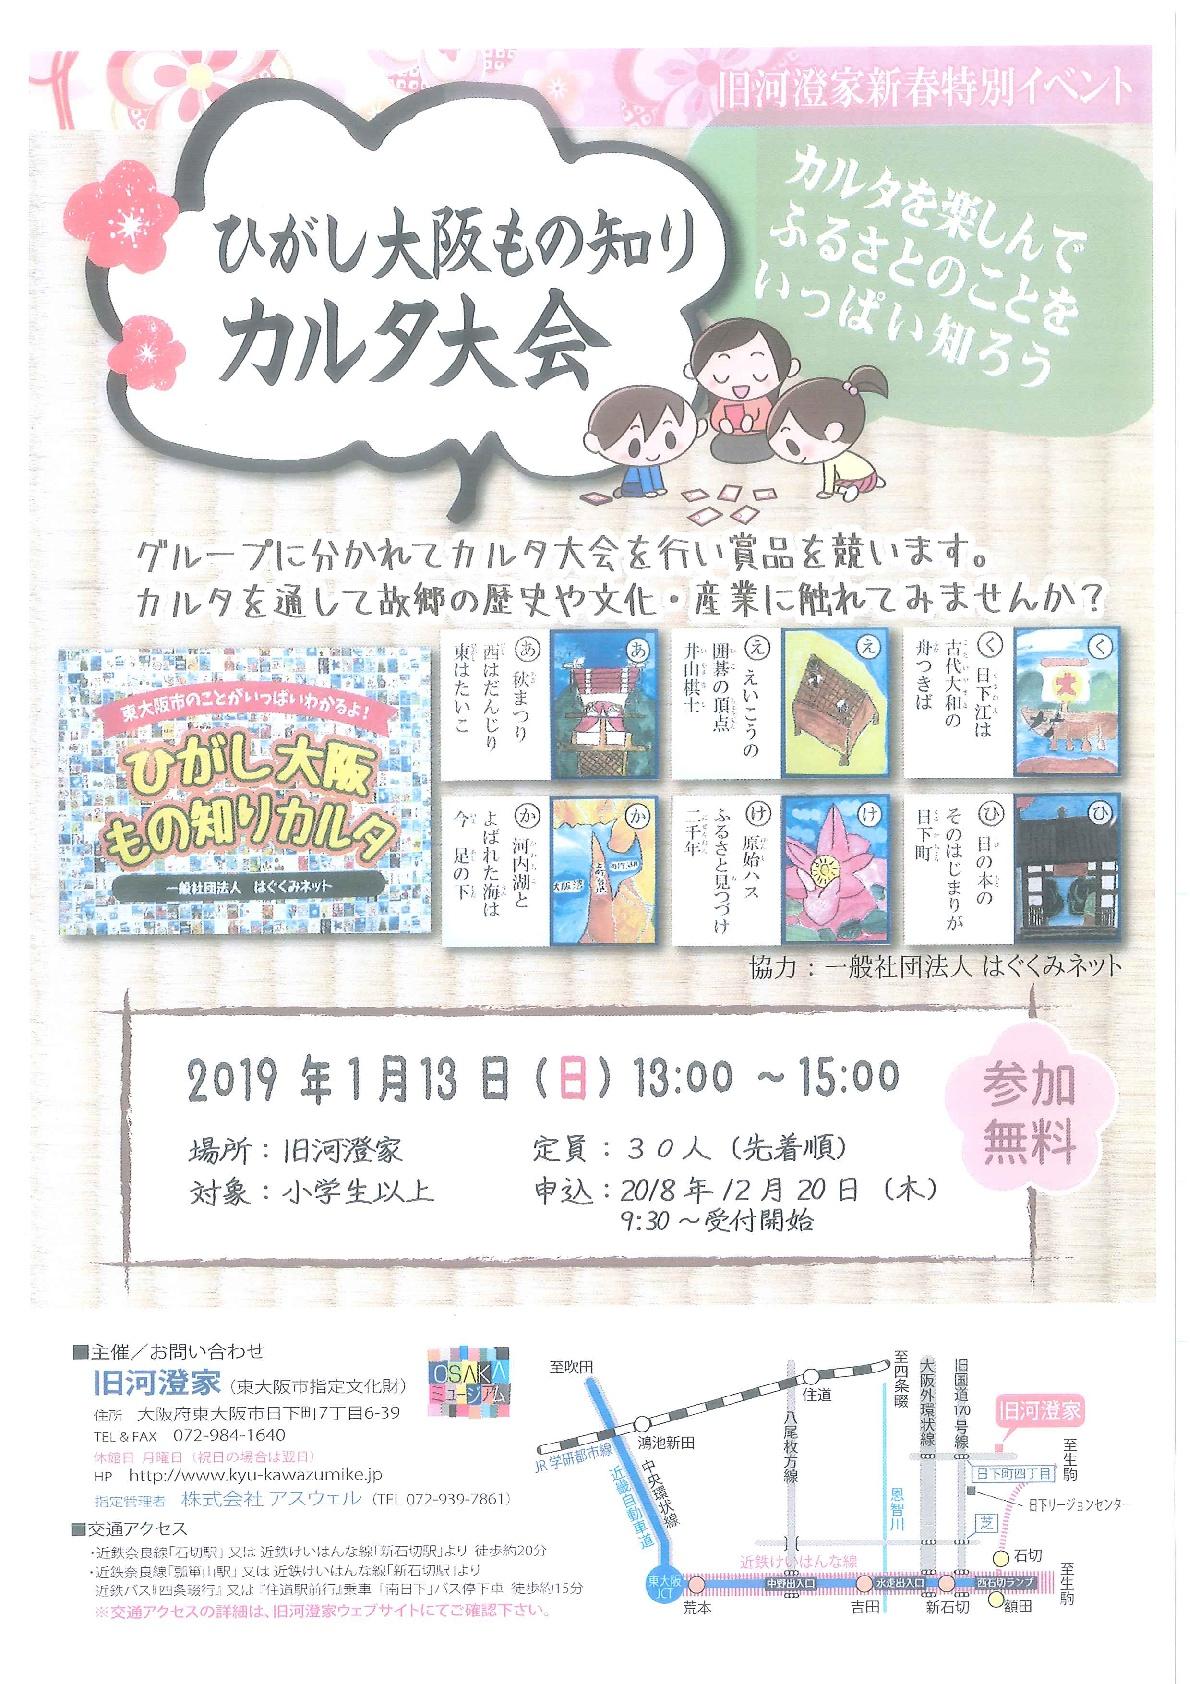 「ひがし大阪もの知りカルタ大会」平成31年1月13日(日)